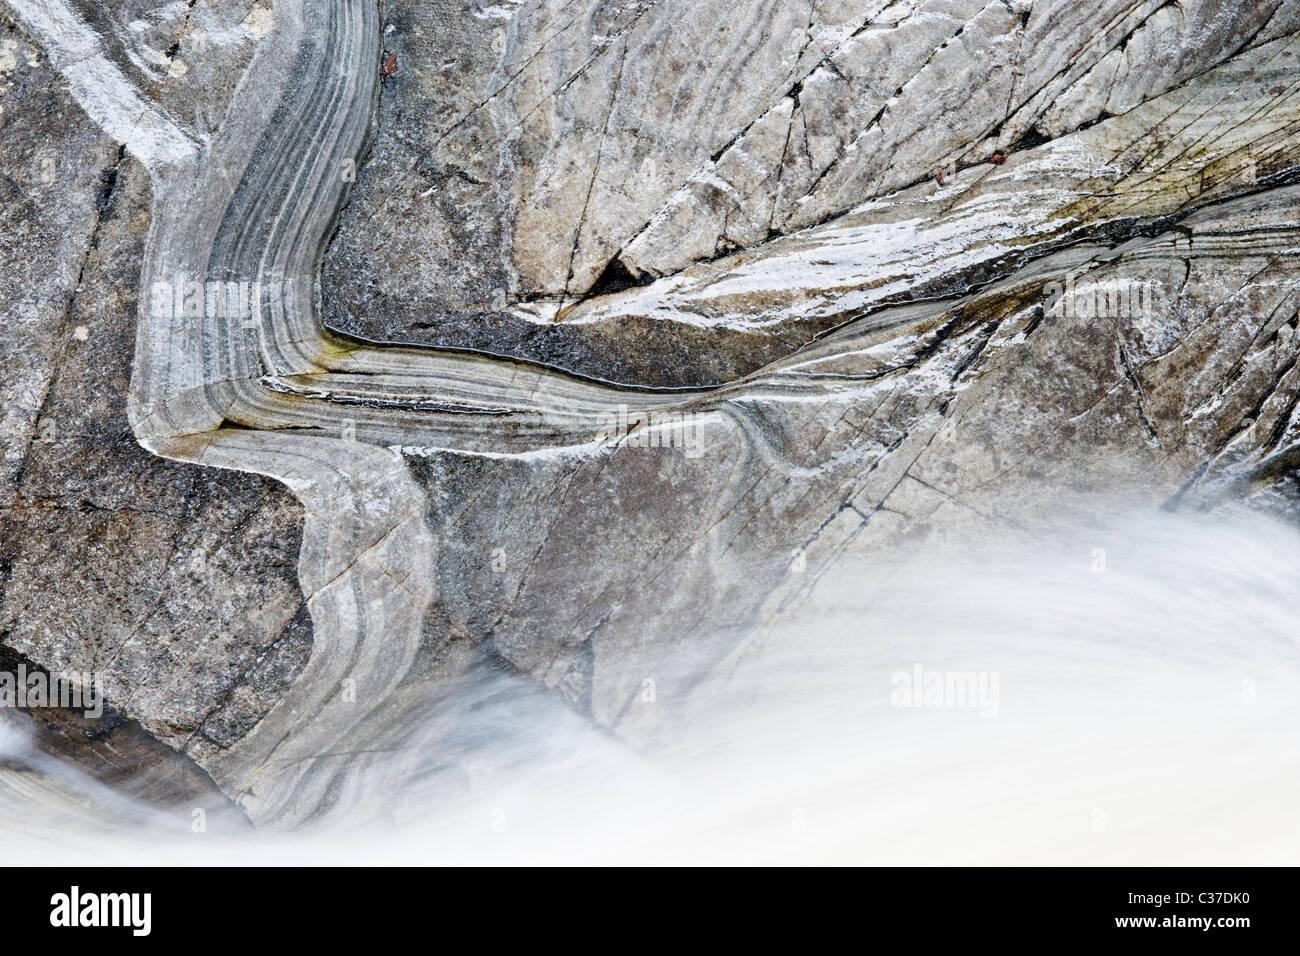 L'eau de Bruar et micaschistes rock, Perth et Kinross, Scotland, UK. Photo Stock